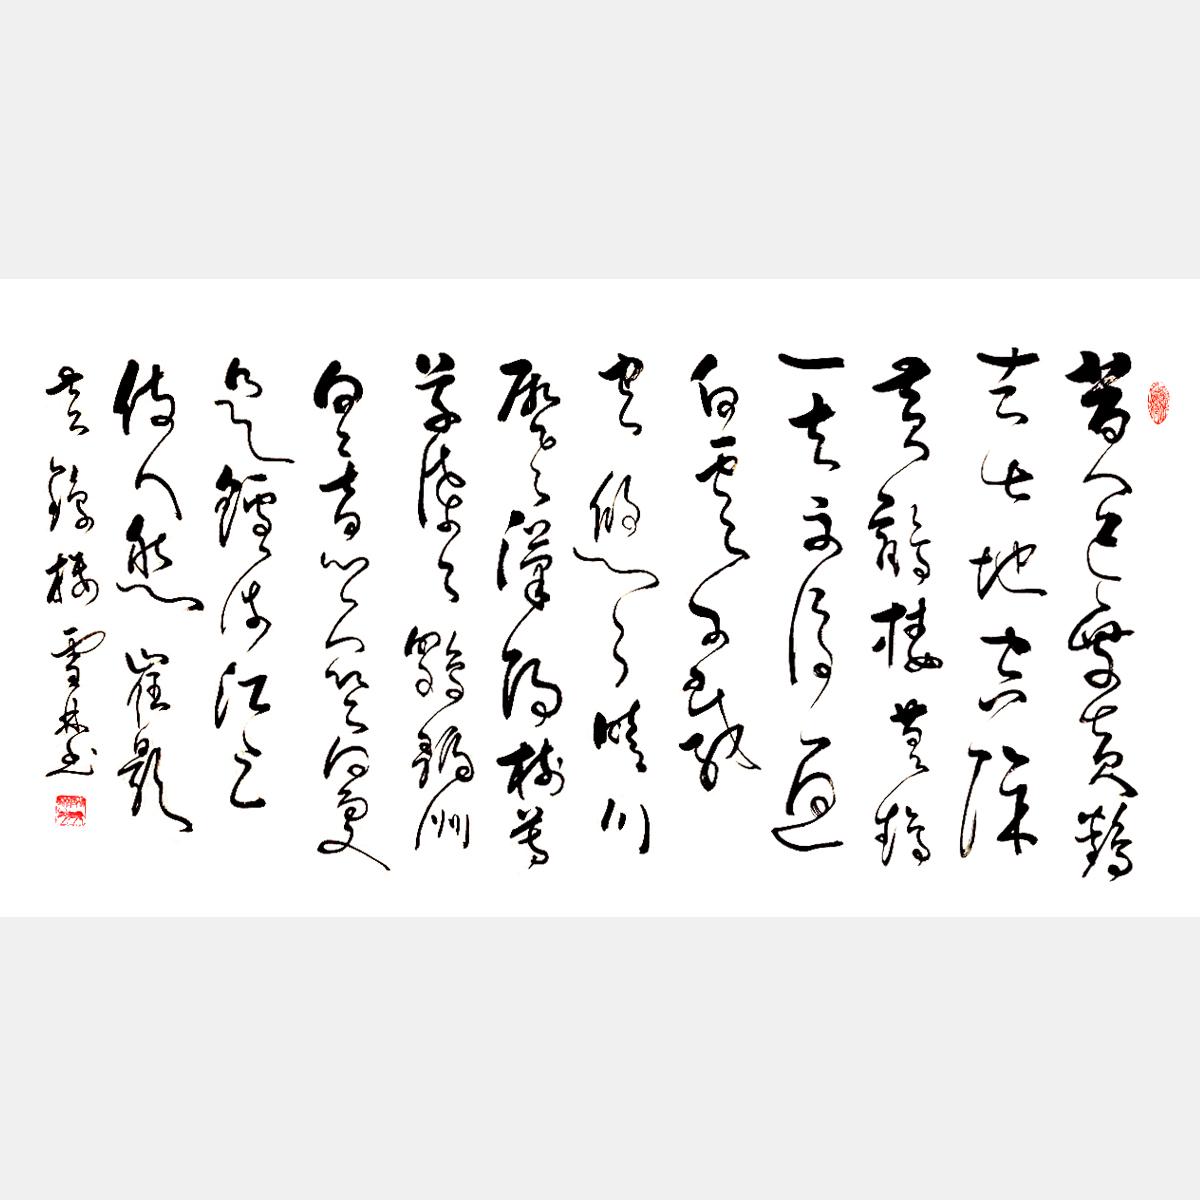 冯雪林草书 唐・崔颢《黄鹤楼》 唐人七言律诗第一